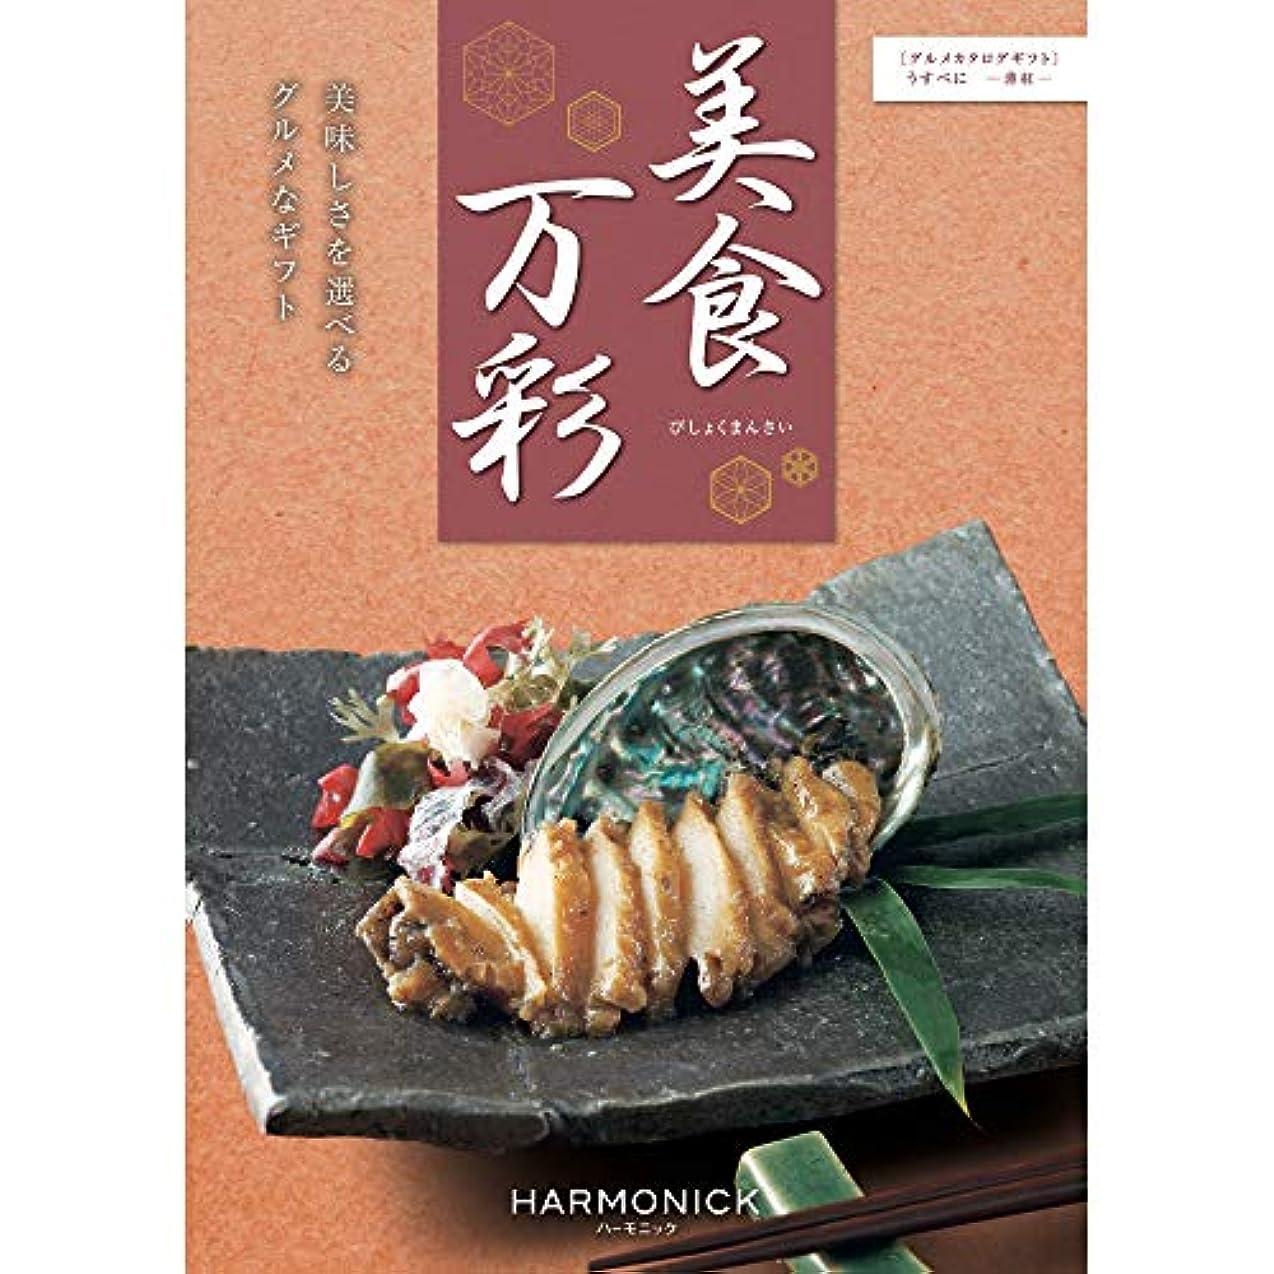 時制ひも驚かすハーモニック グルメカタログギフト 美食万彩 (びしょくまんさい) 薄紅 (うすべに) 包装紙:カラードロップス